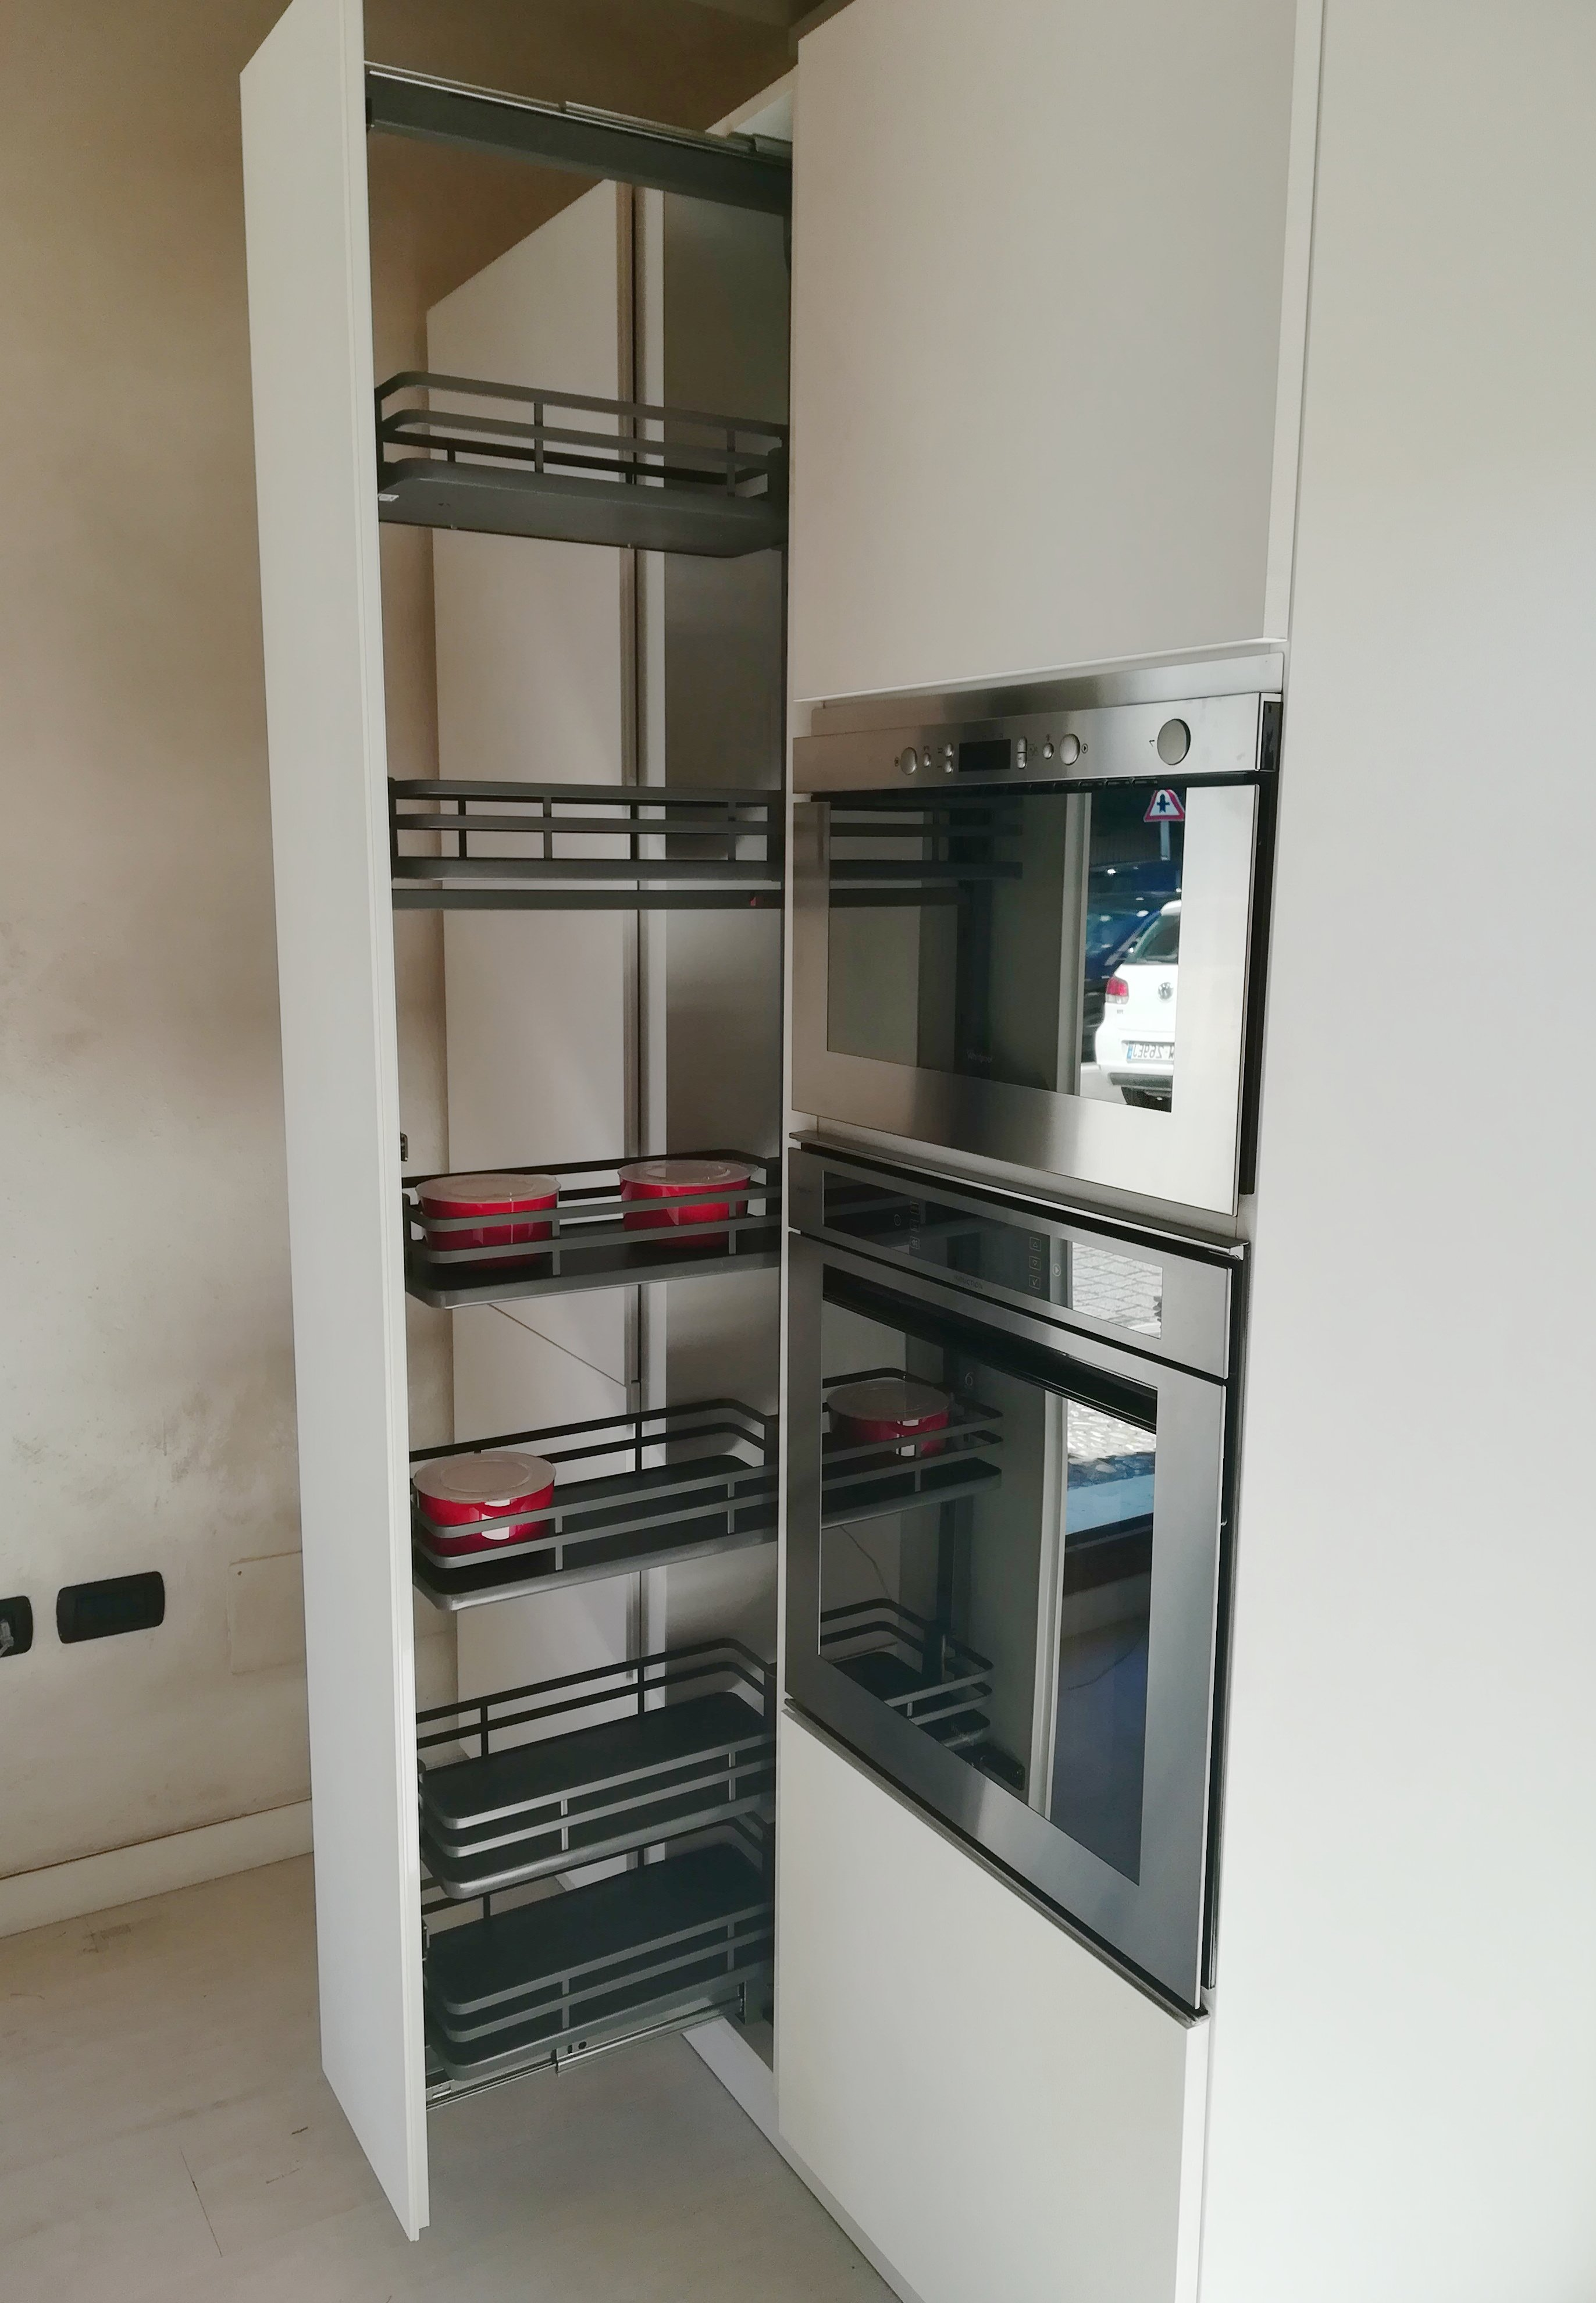 accessori dispensa in cucina